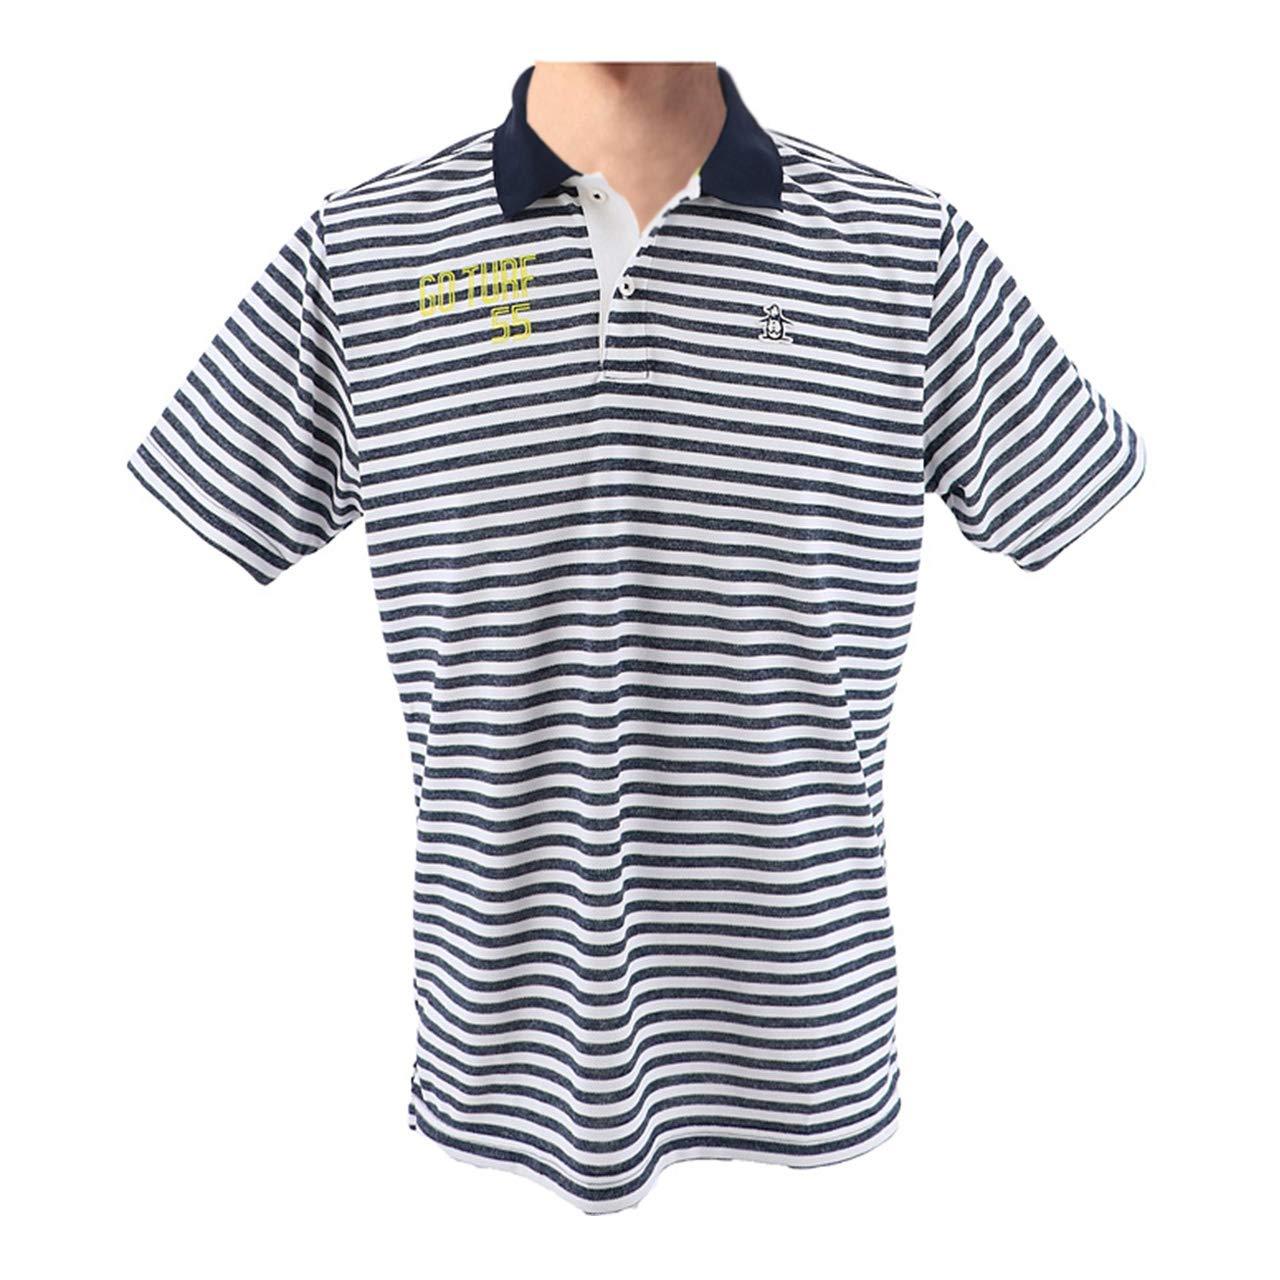 マンシングウェア(Munsingwear) 半袖シャツ MGMLJA26 LL ネイビー(NV00) B07K79MX17